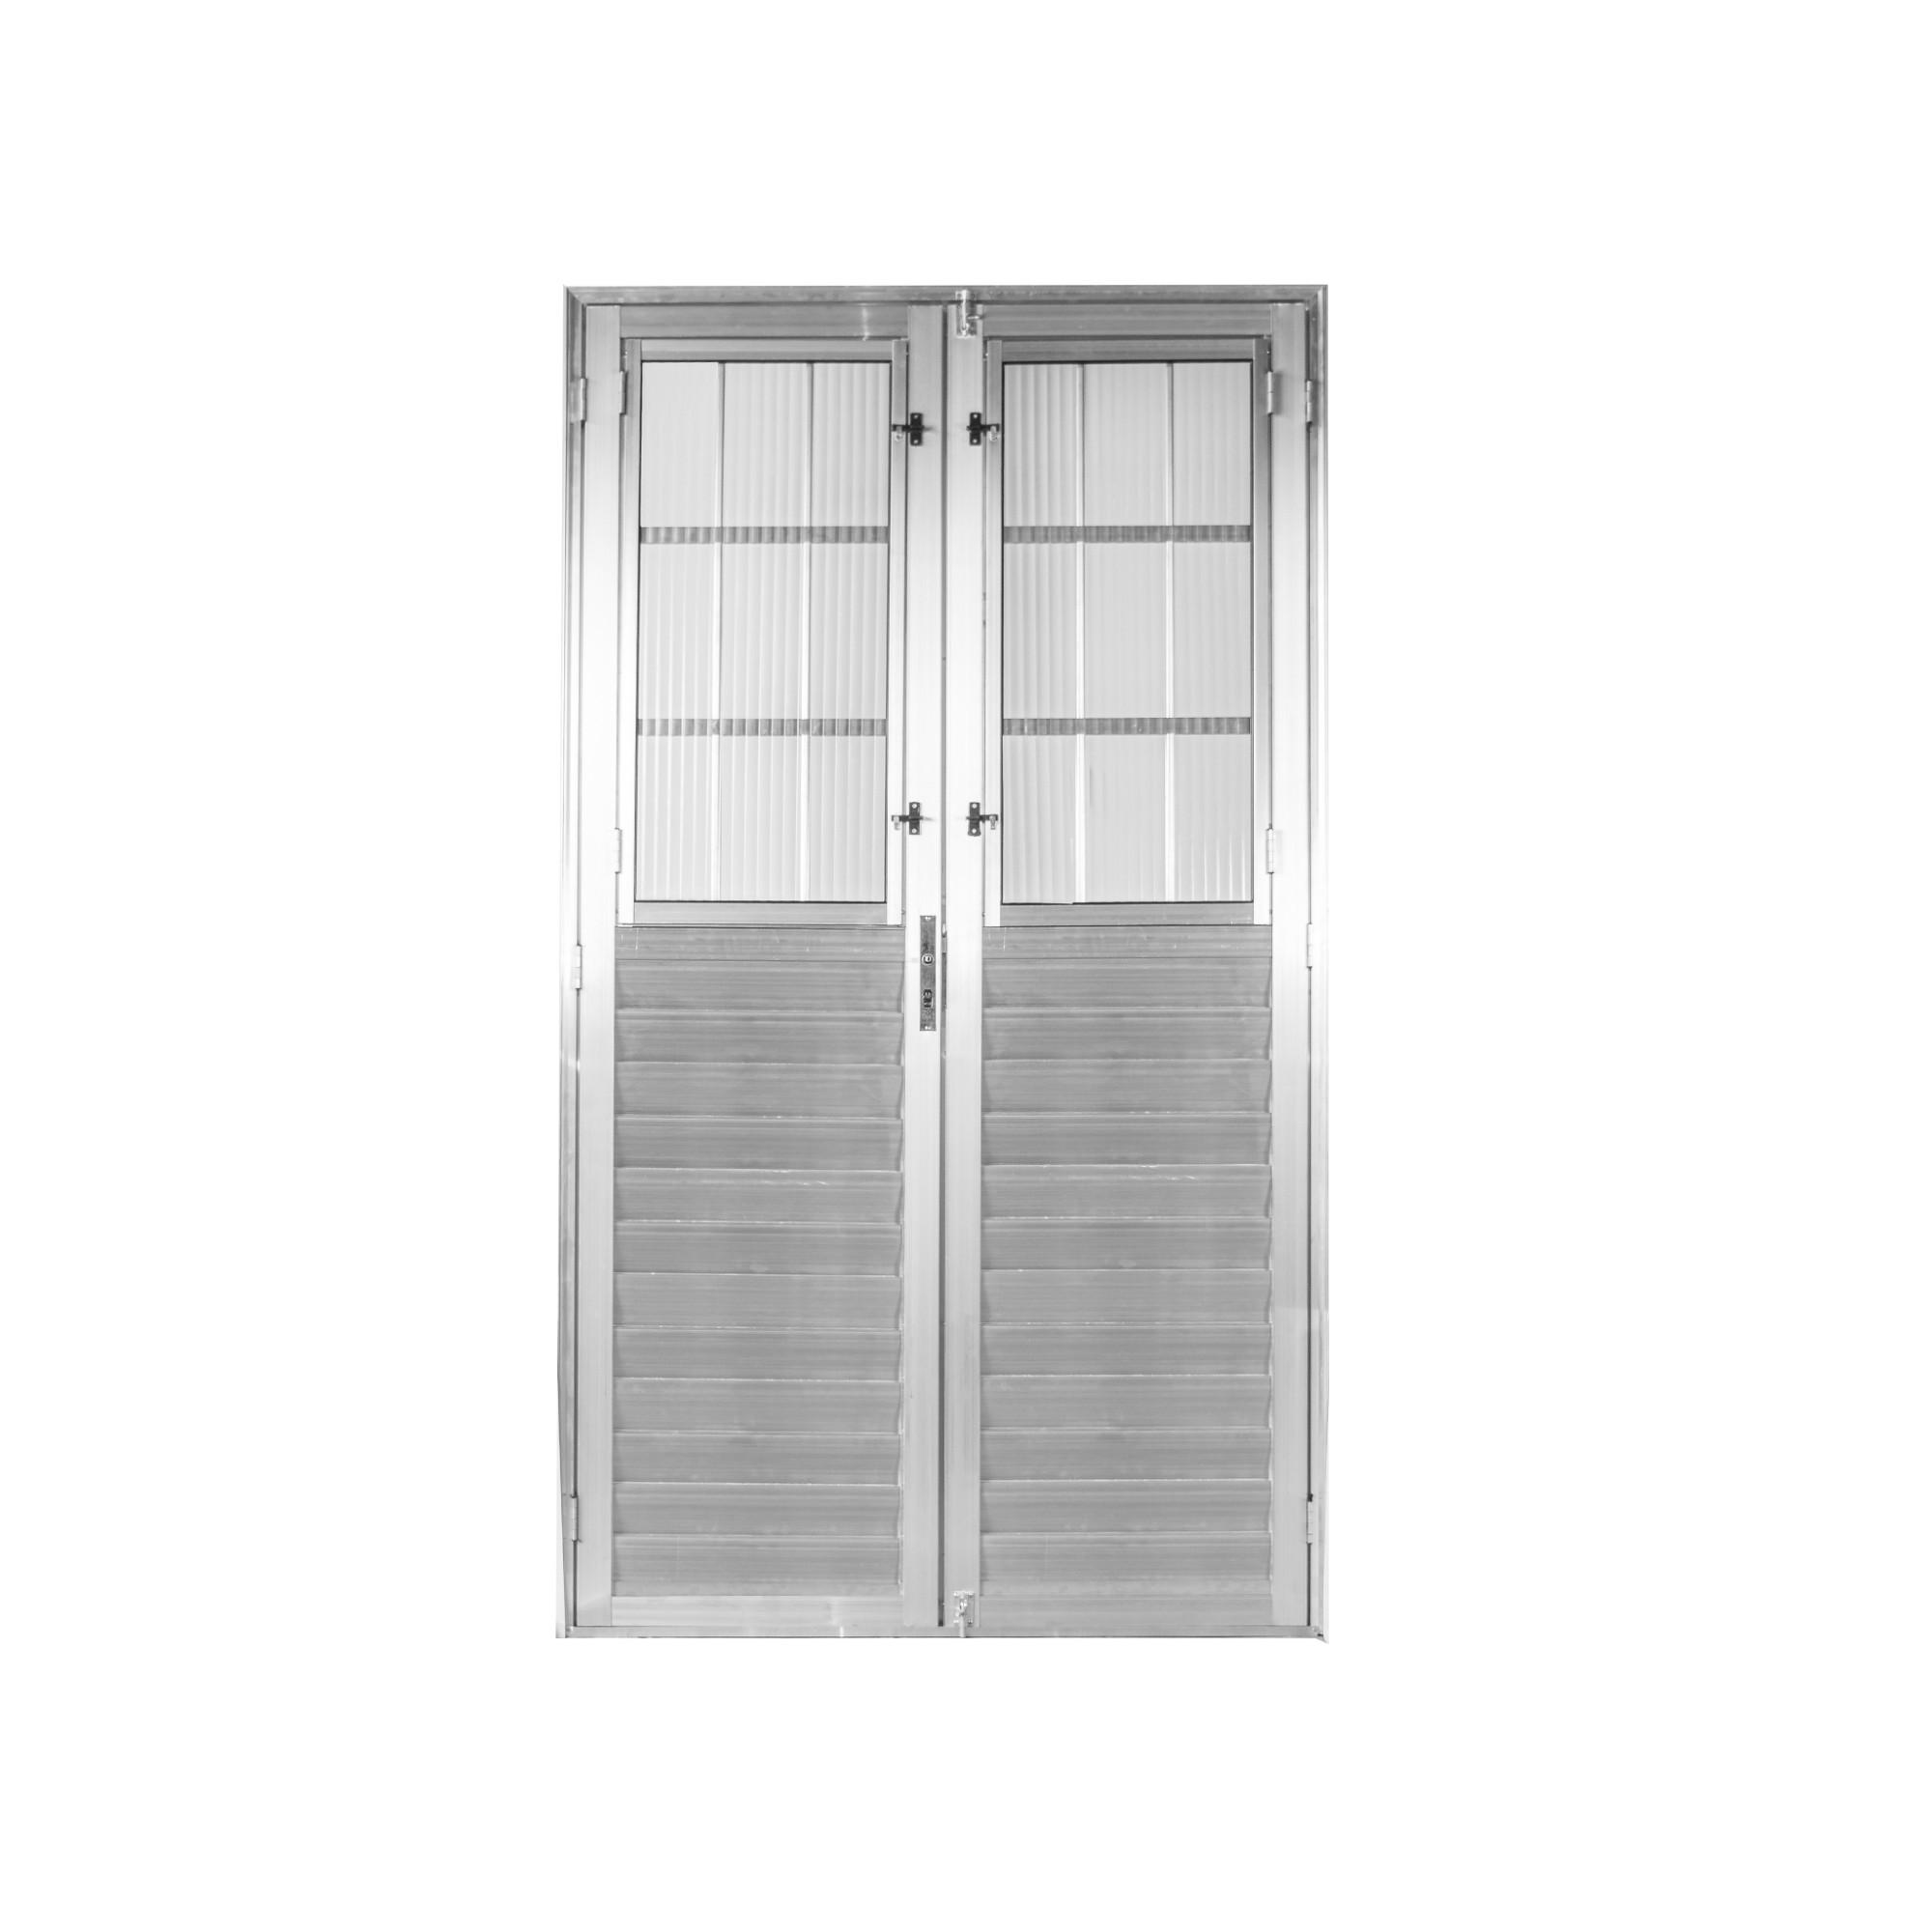 Porta de Abrir de Aluminio 2 Folhas 210 x 120cm Postigo Lado Direito - Aluvid